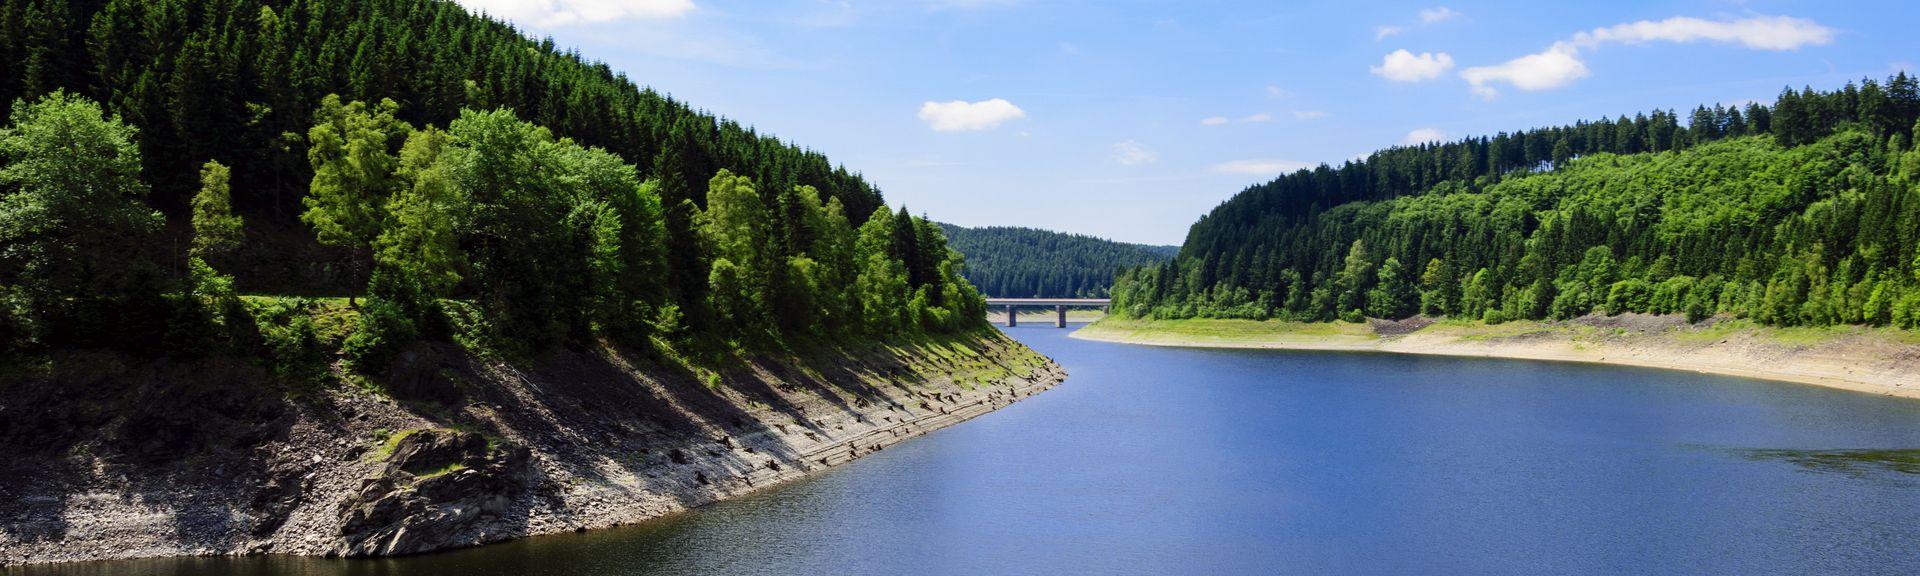 Nationalpark Harz, Harz, Nedersaksen, Duitsland